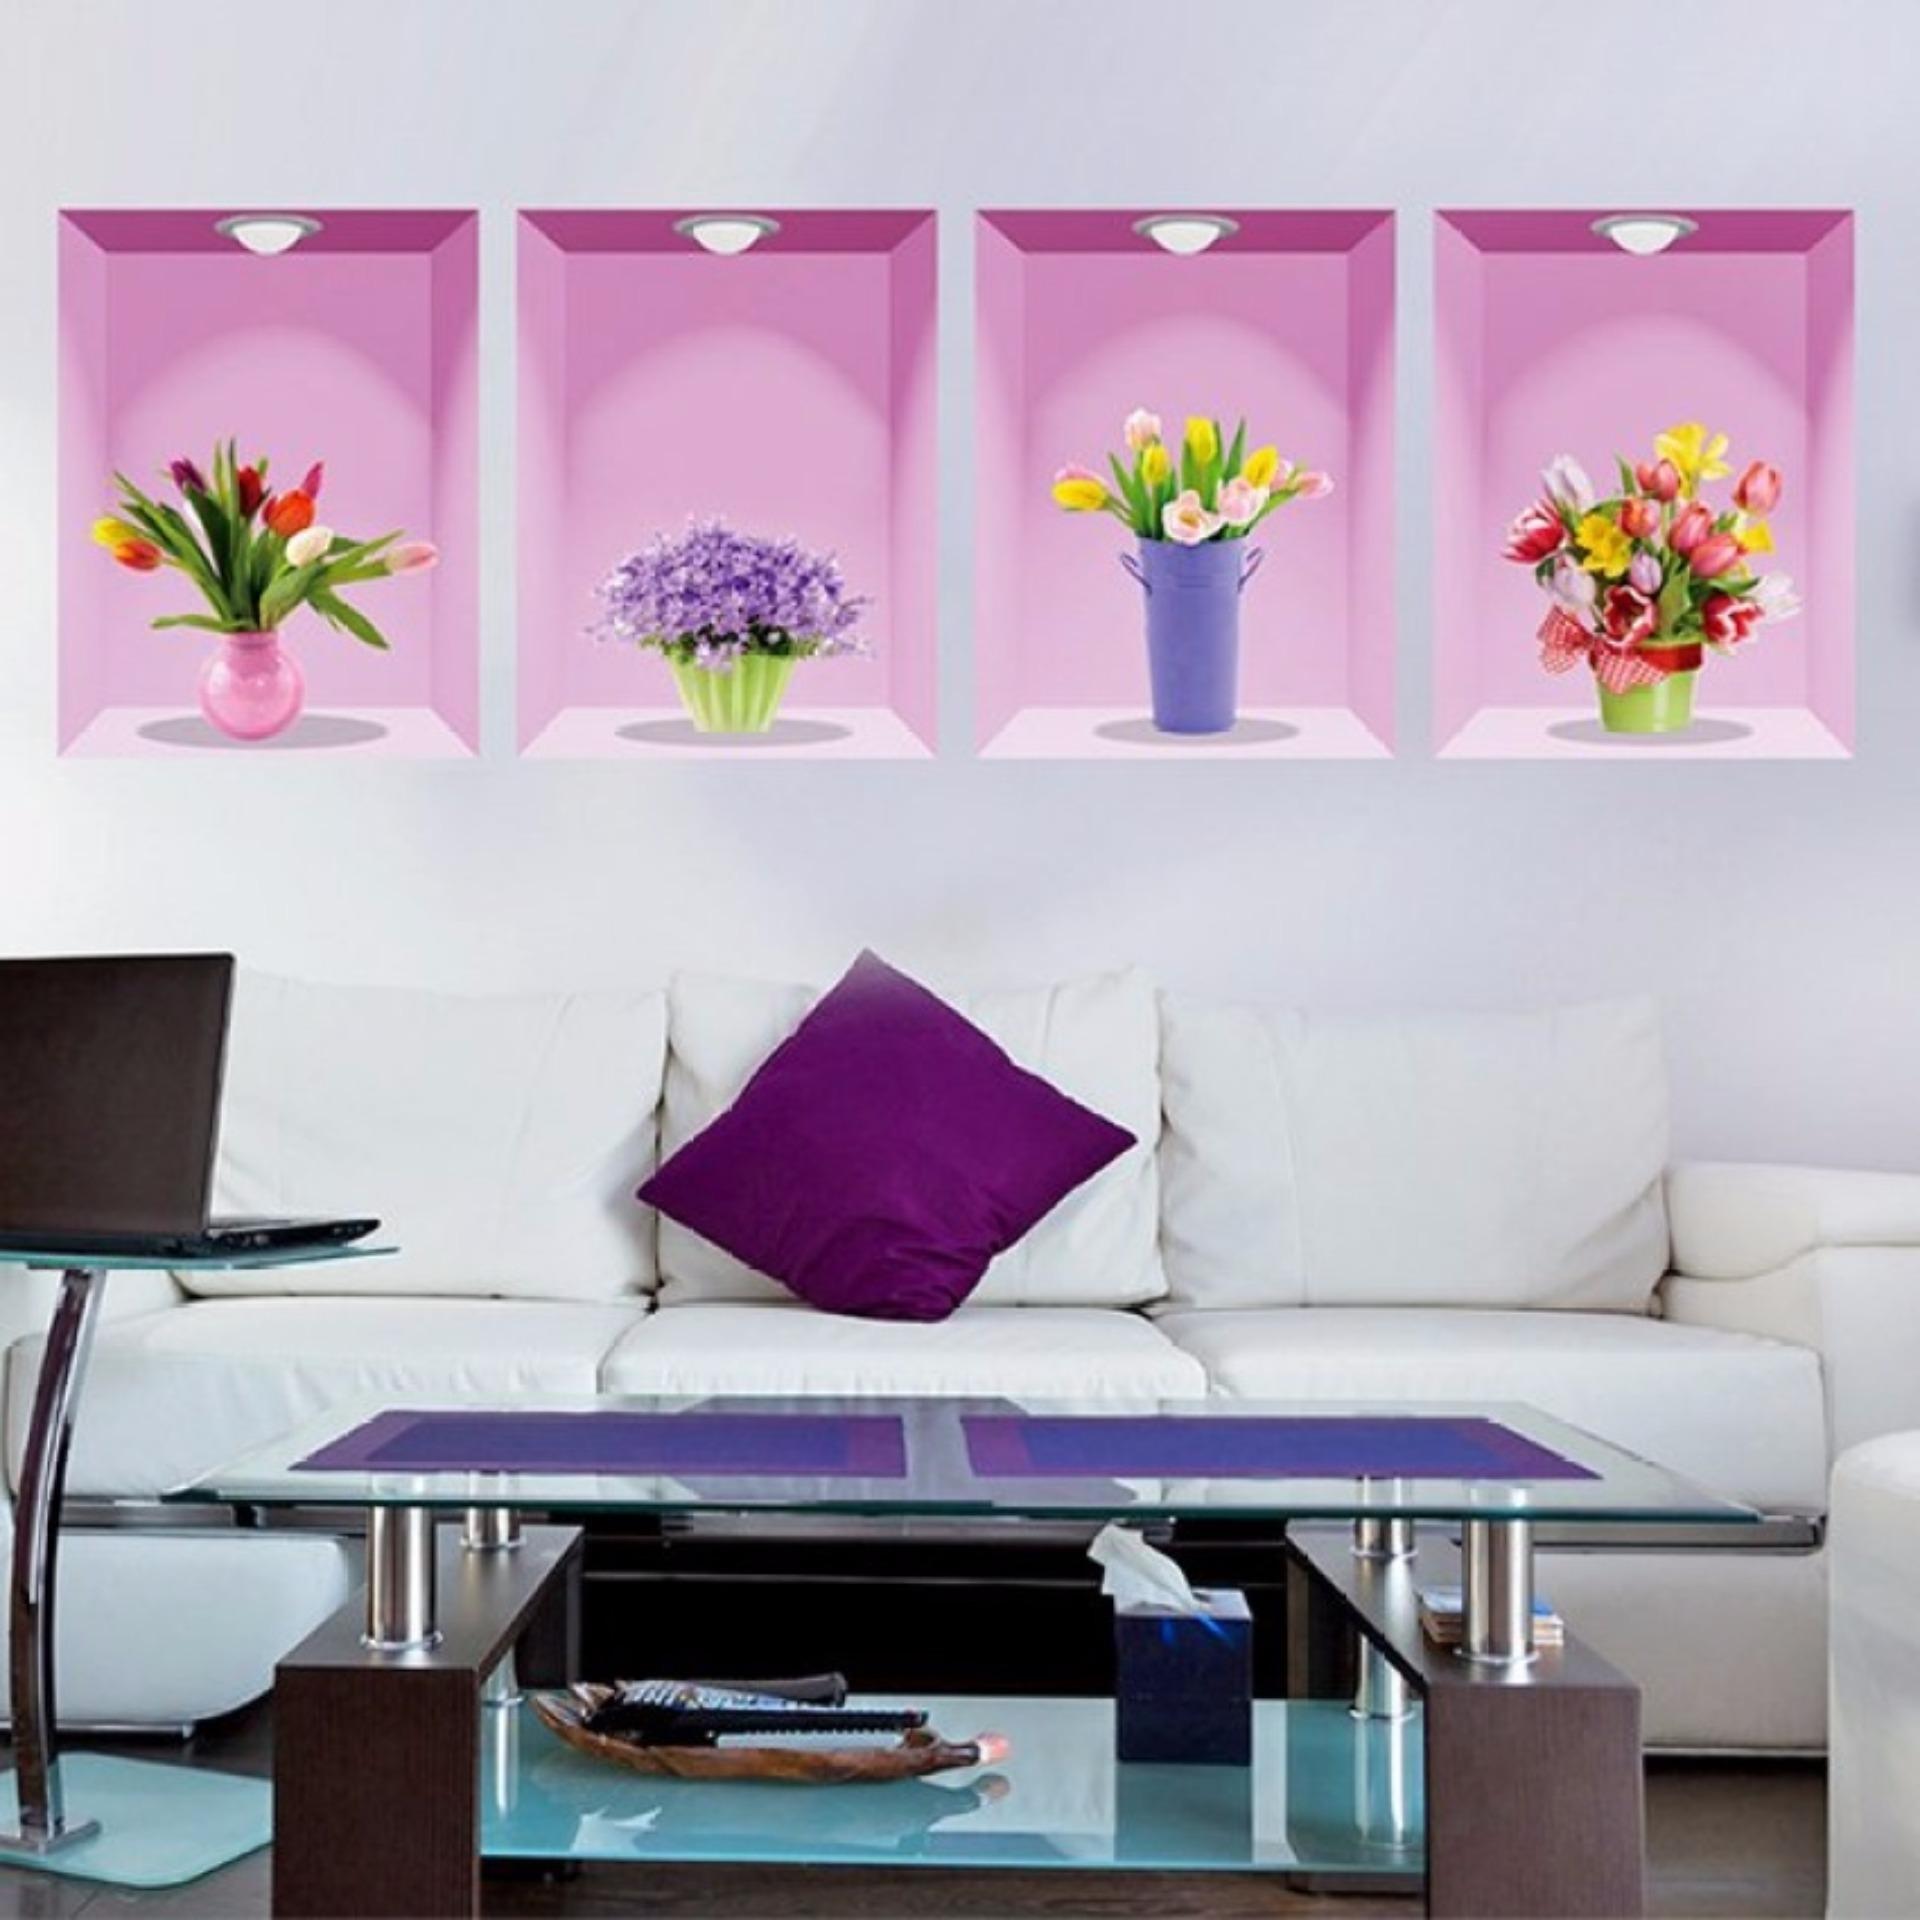 Decal dán tường 4 chậu hoa 3D